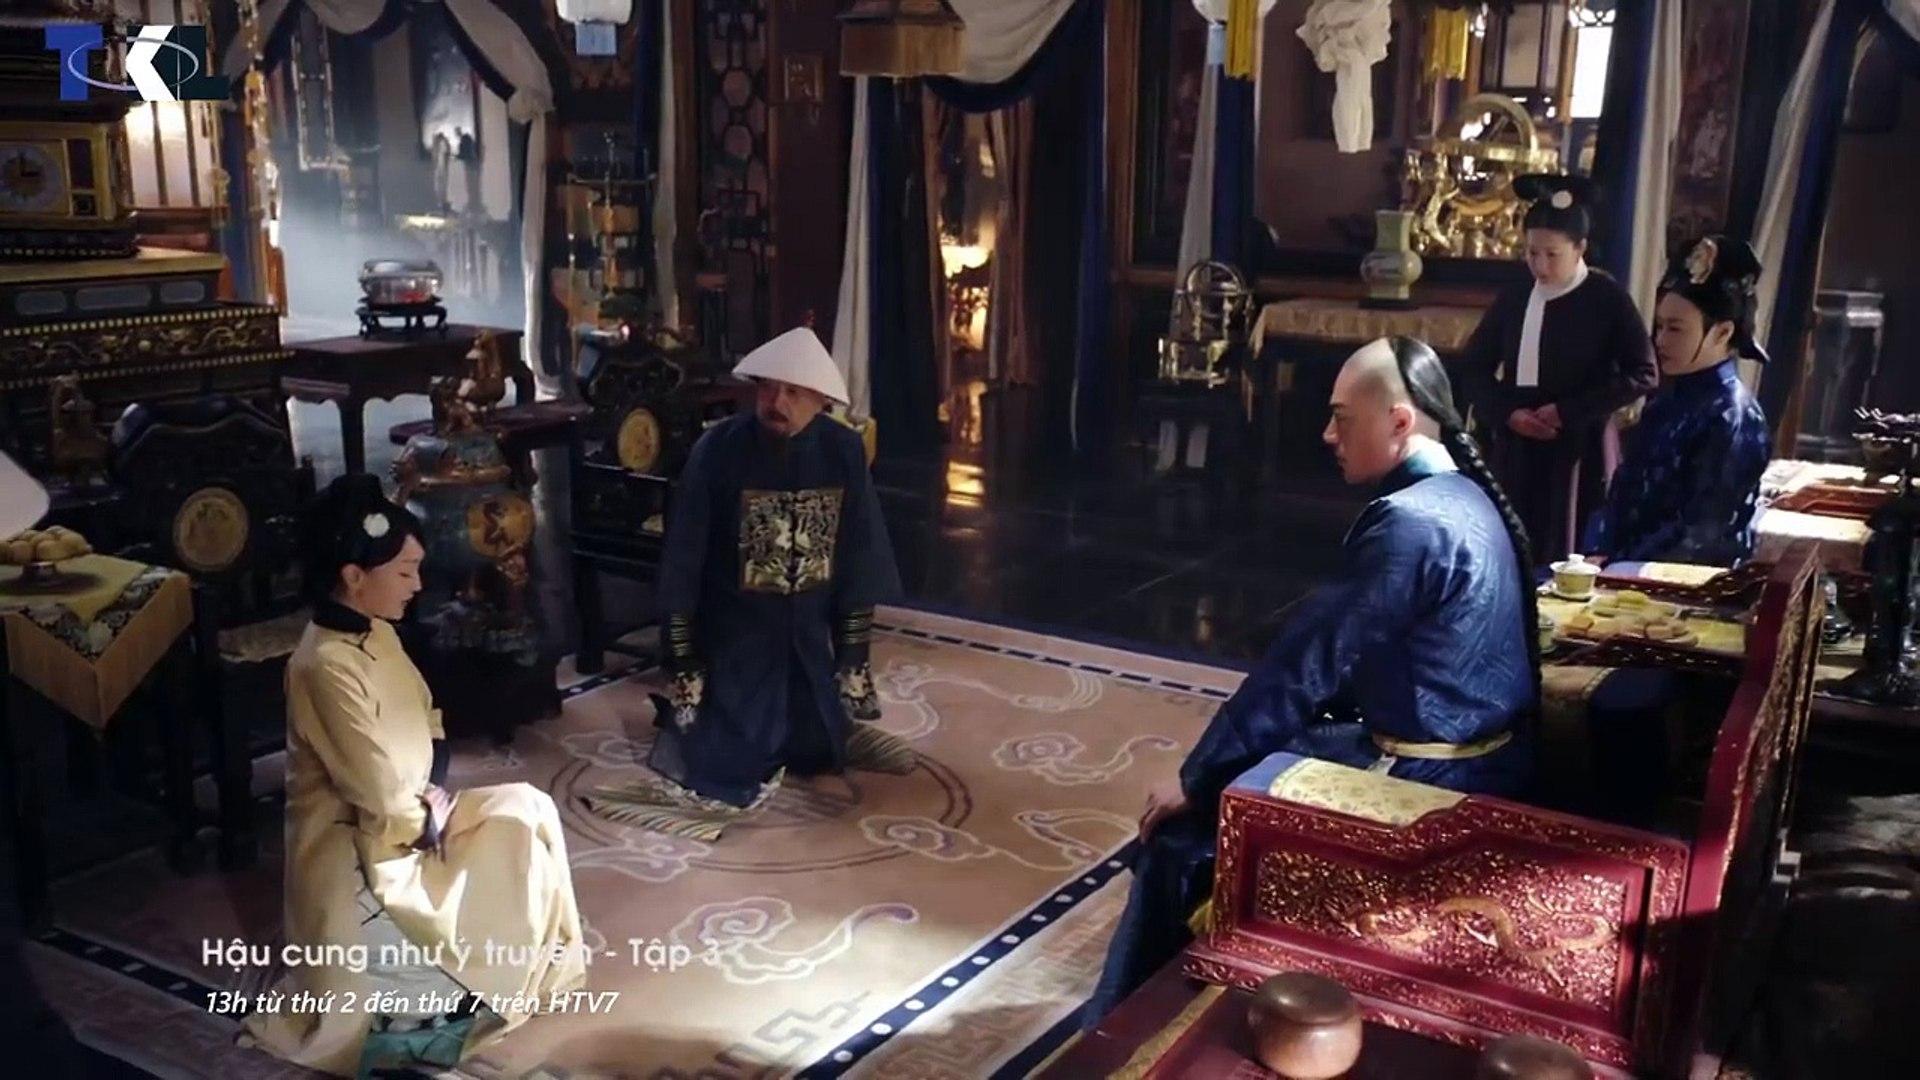 Hậu Cung Như Ý Truyện - Tập 3 Full - Phim Cổ Trang Trung Quốc Hay Nhất 2020